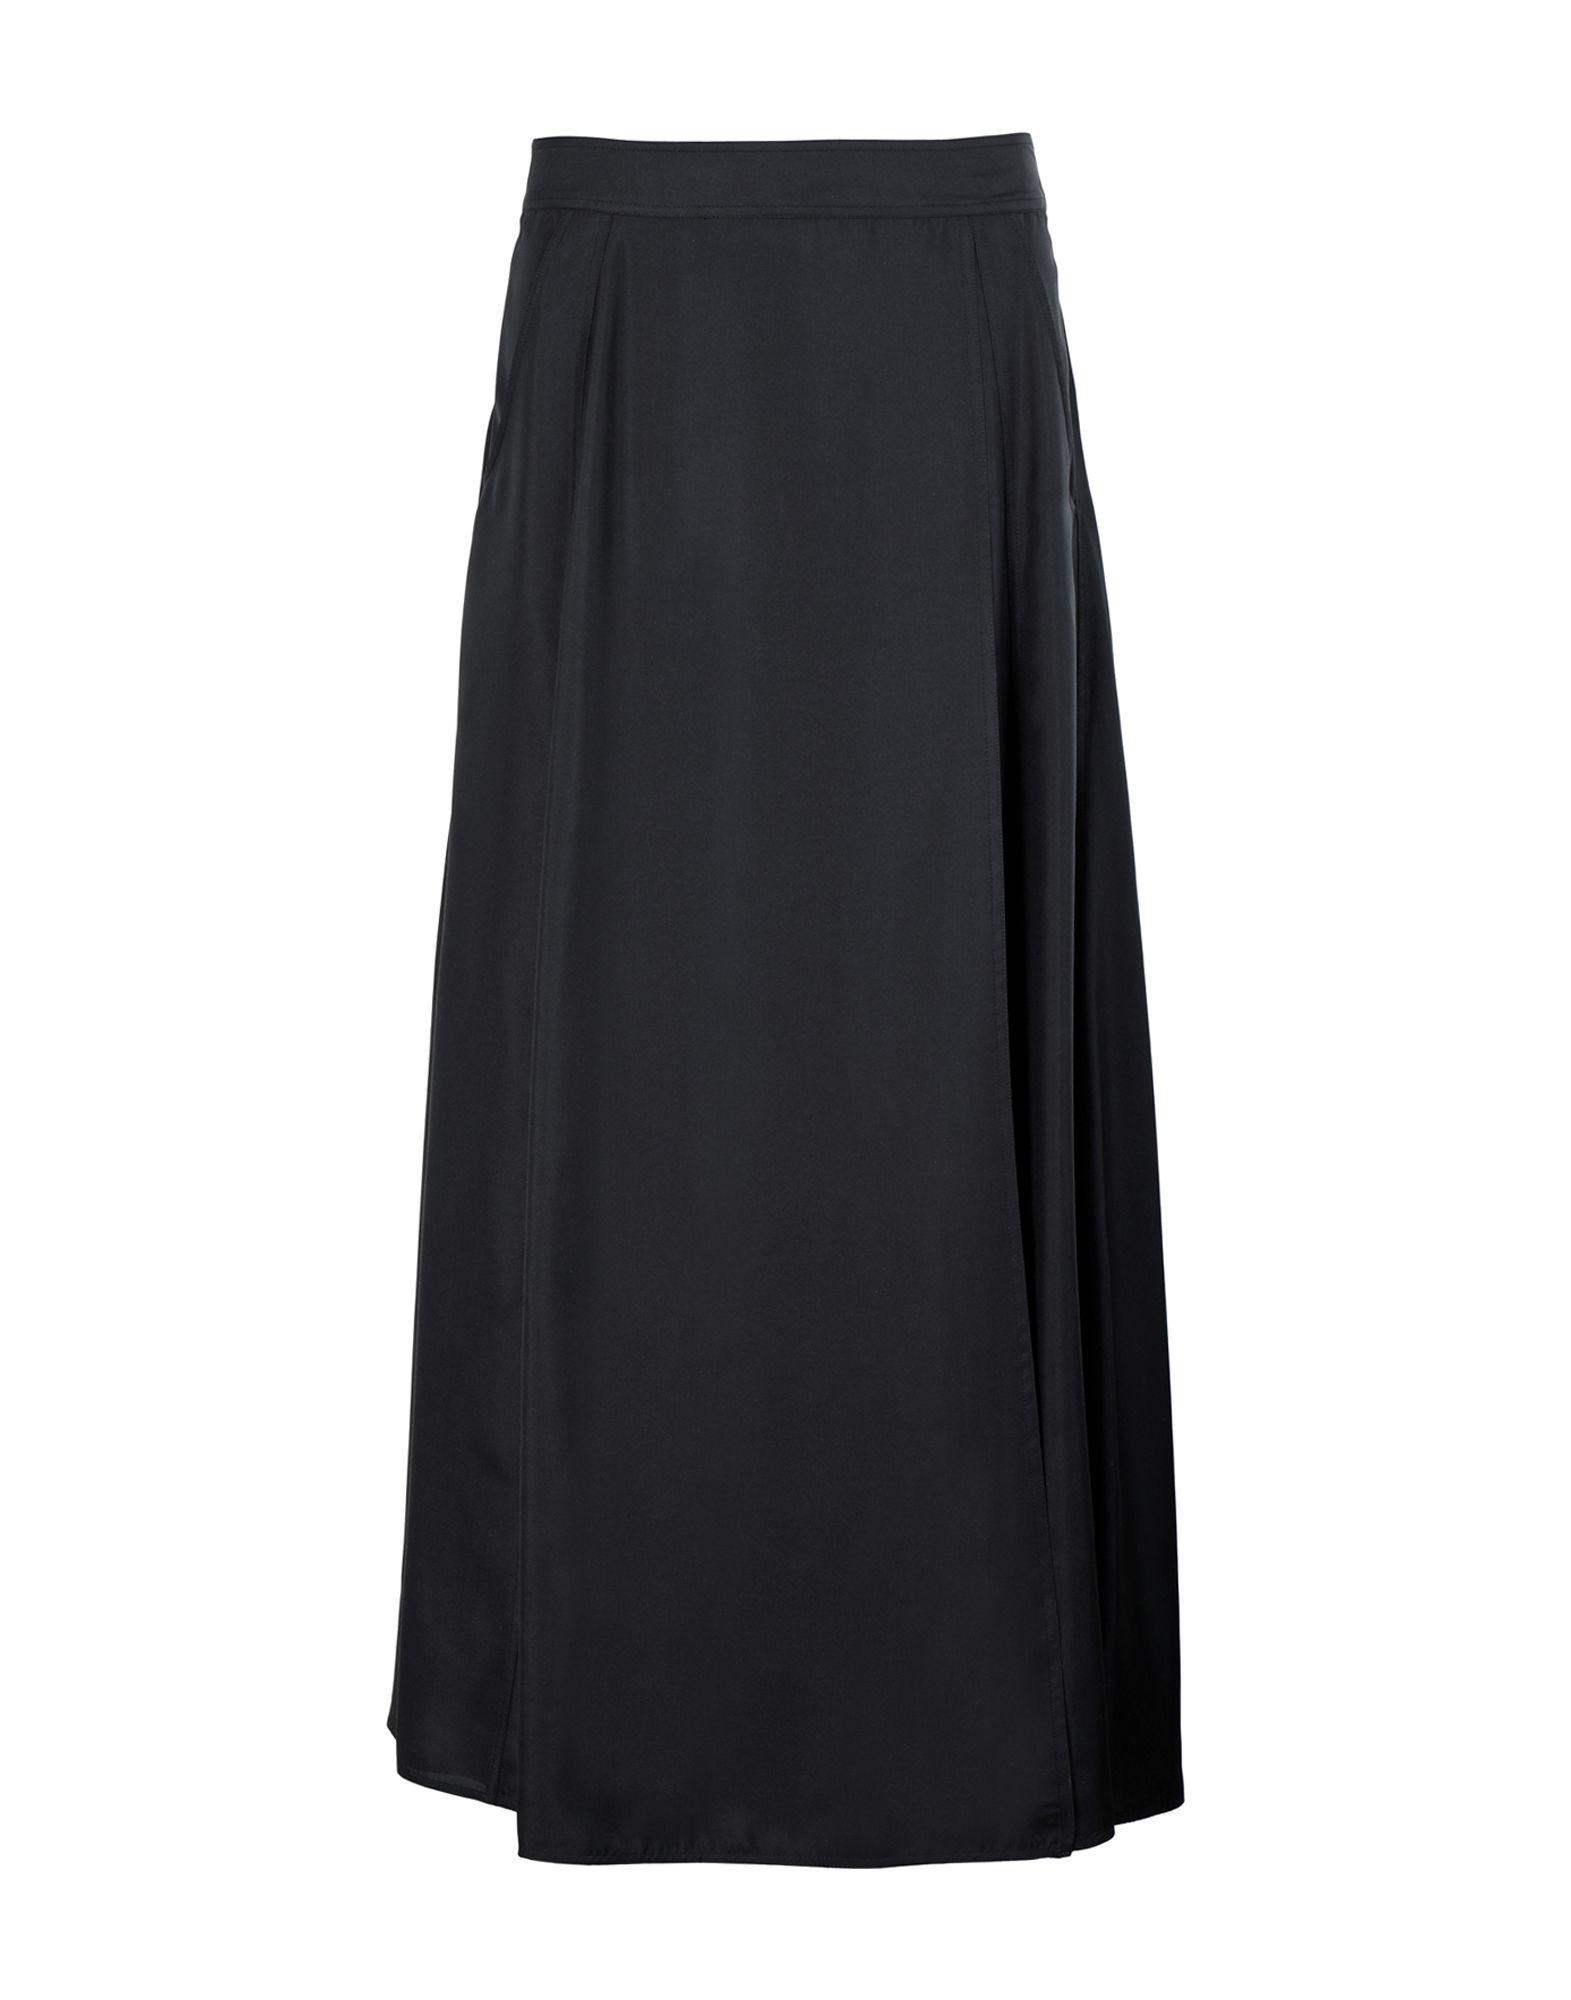 CALVIN KLEIN Длинная юбка calvin klein 205w39nyc длинная юбка